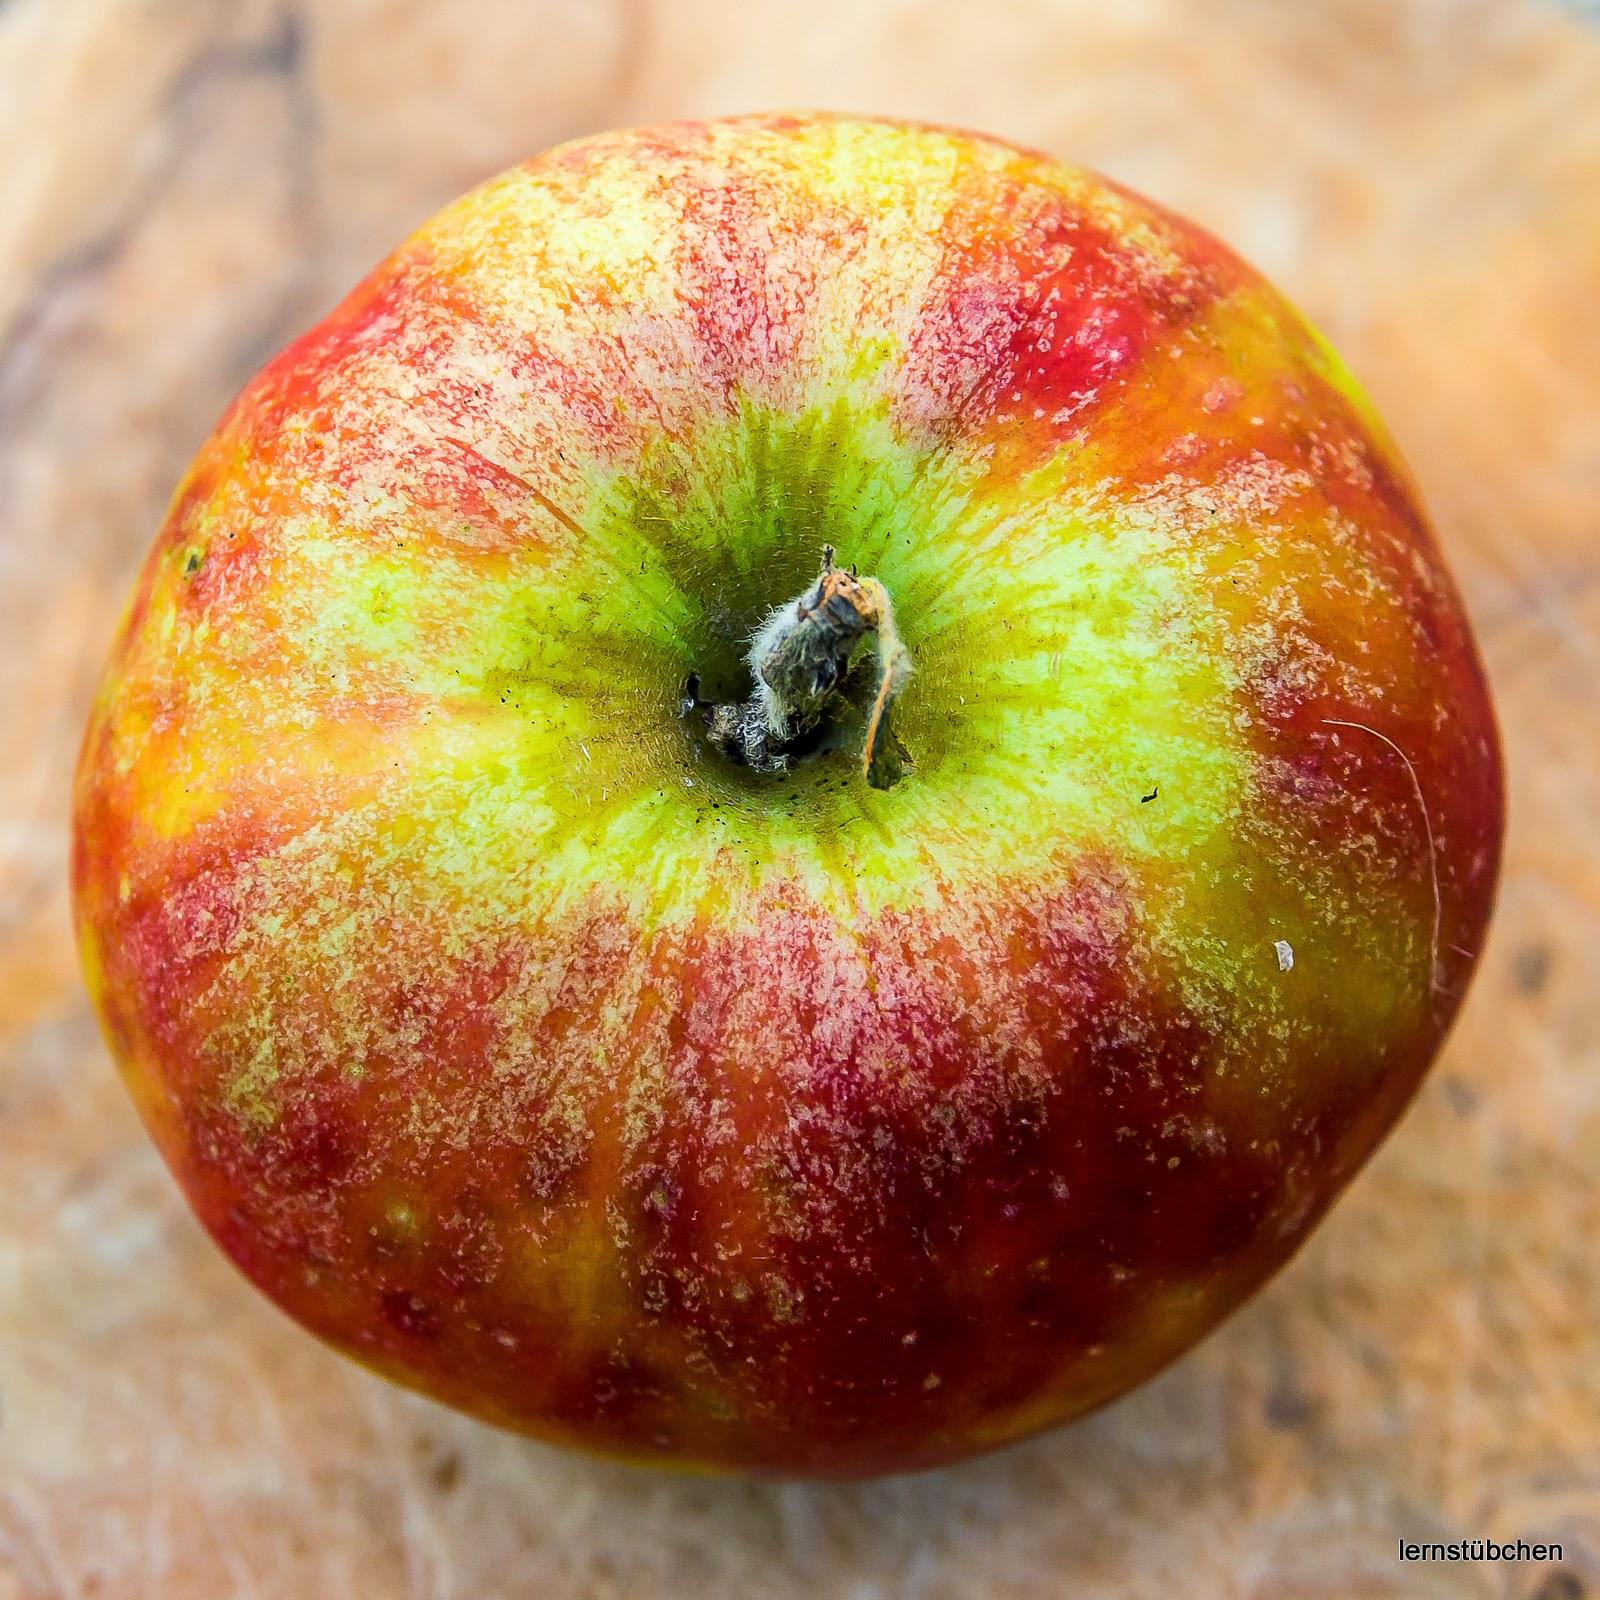 Lernstübchen: ich bleibe beim Apfel